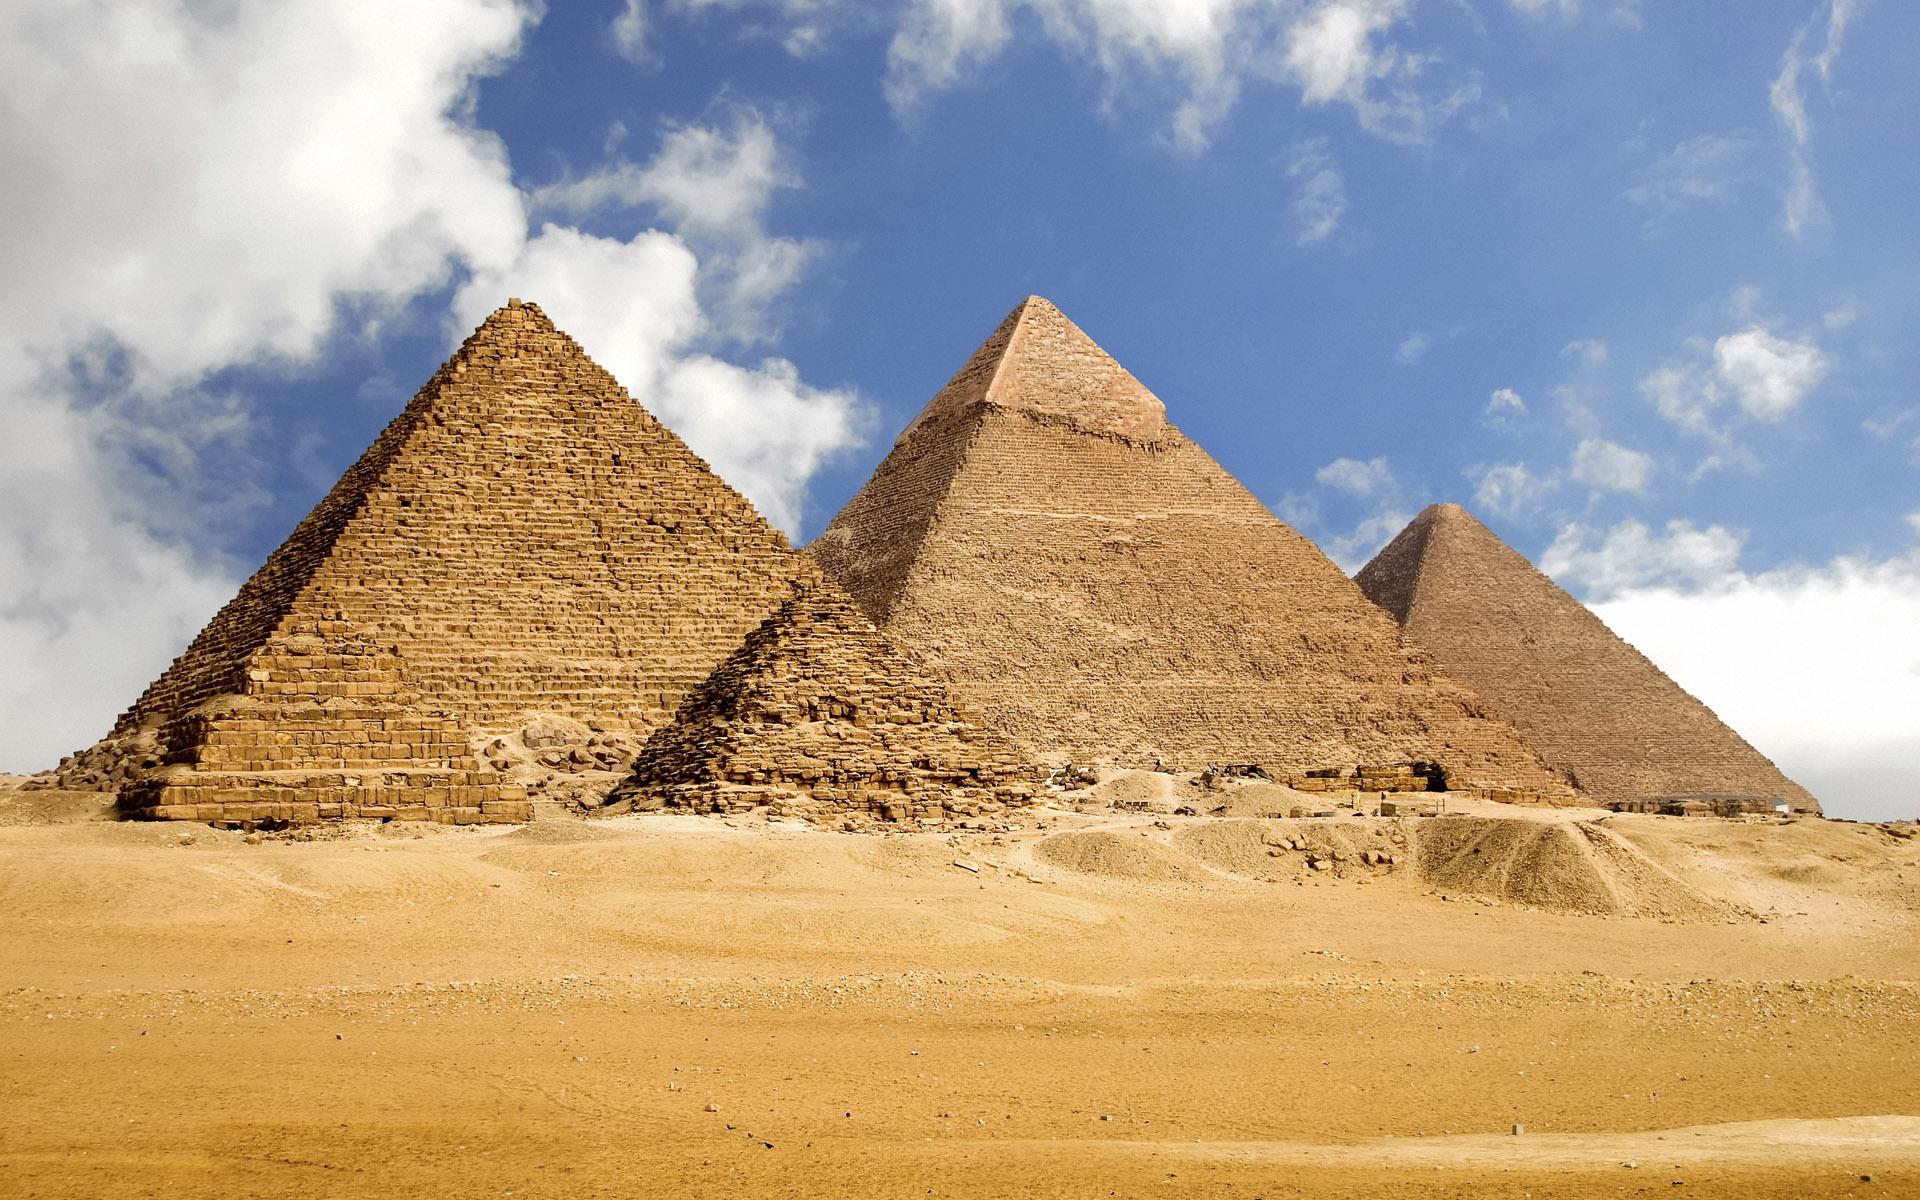 Азартные игры с египетскими пирамидами ущелье казино онлайнi